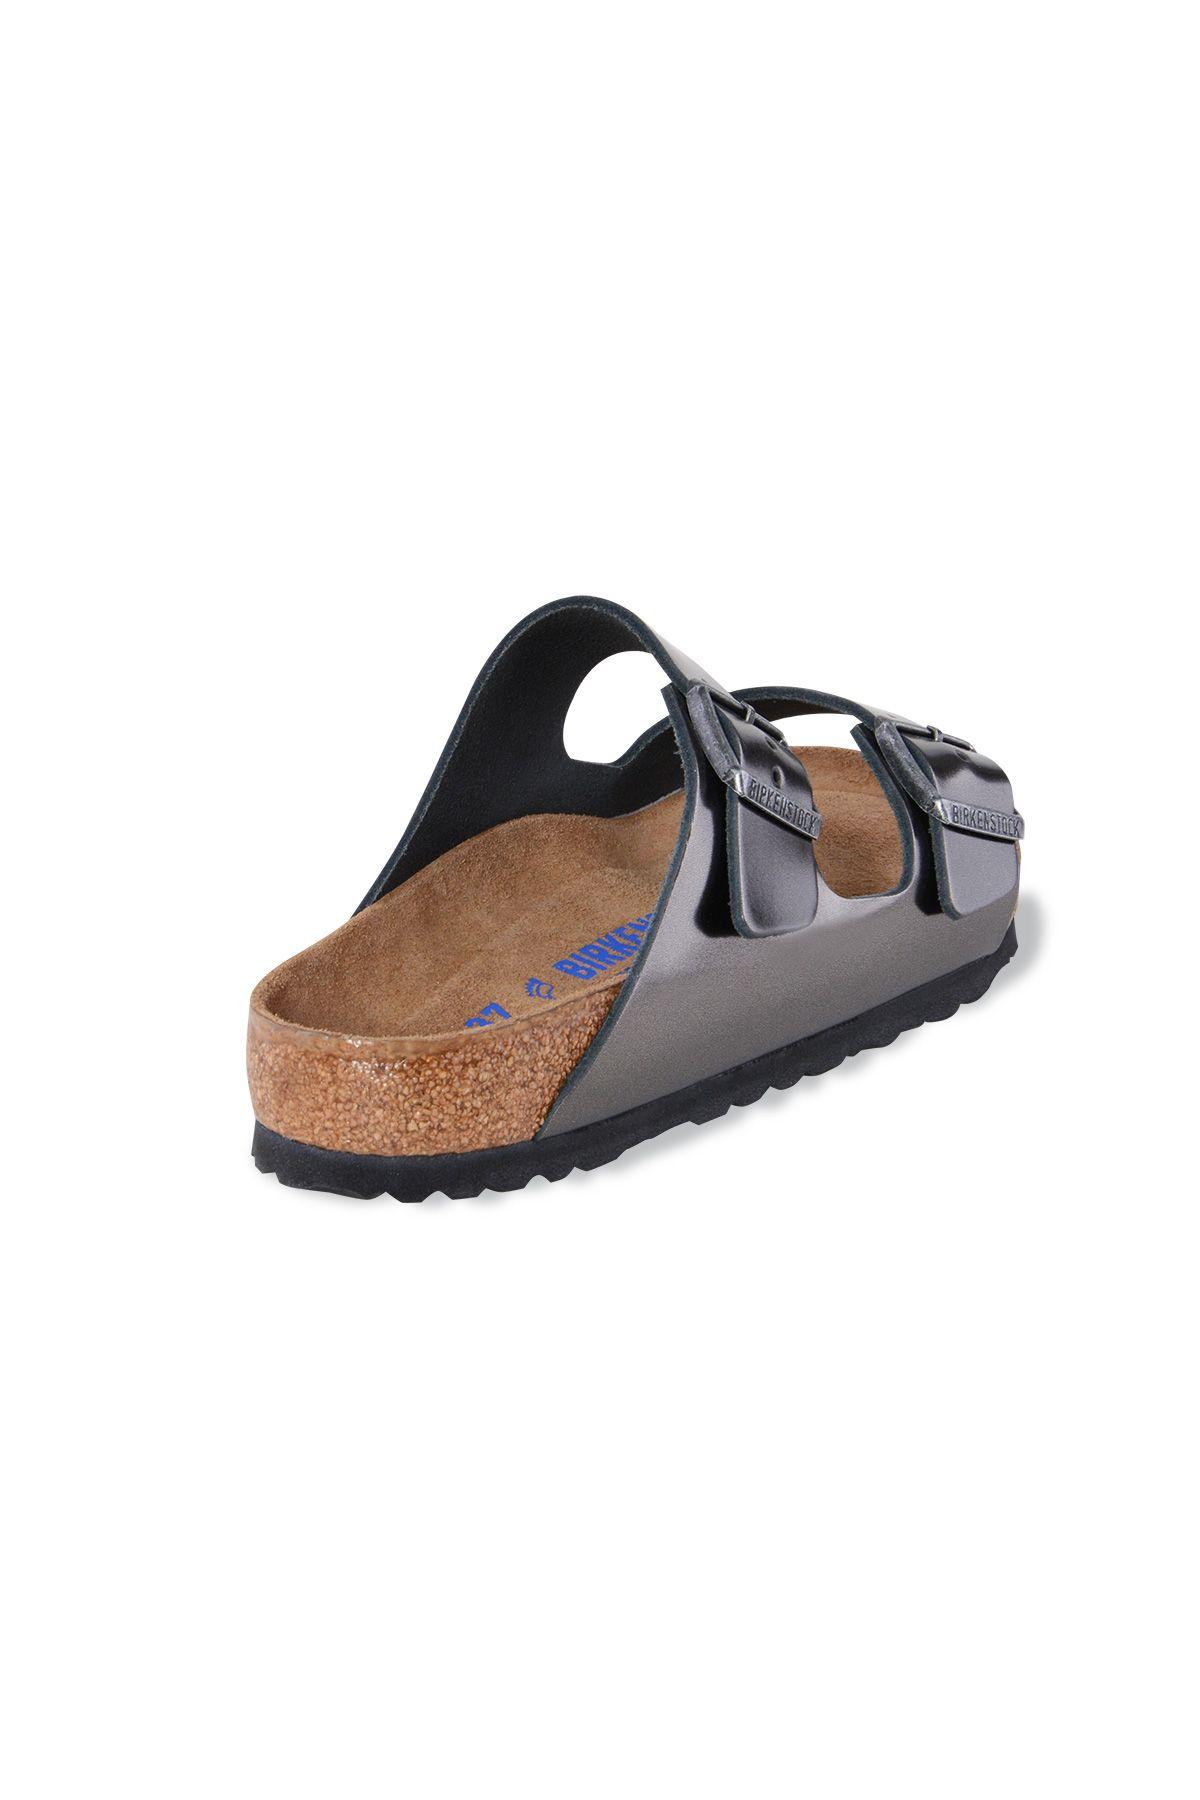 Birkenstock Gizeh BS Genuine Leather Women's Summer Slippers 1000292 Silver